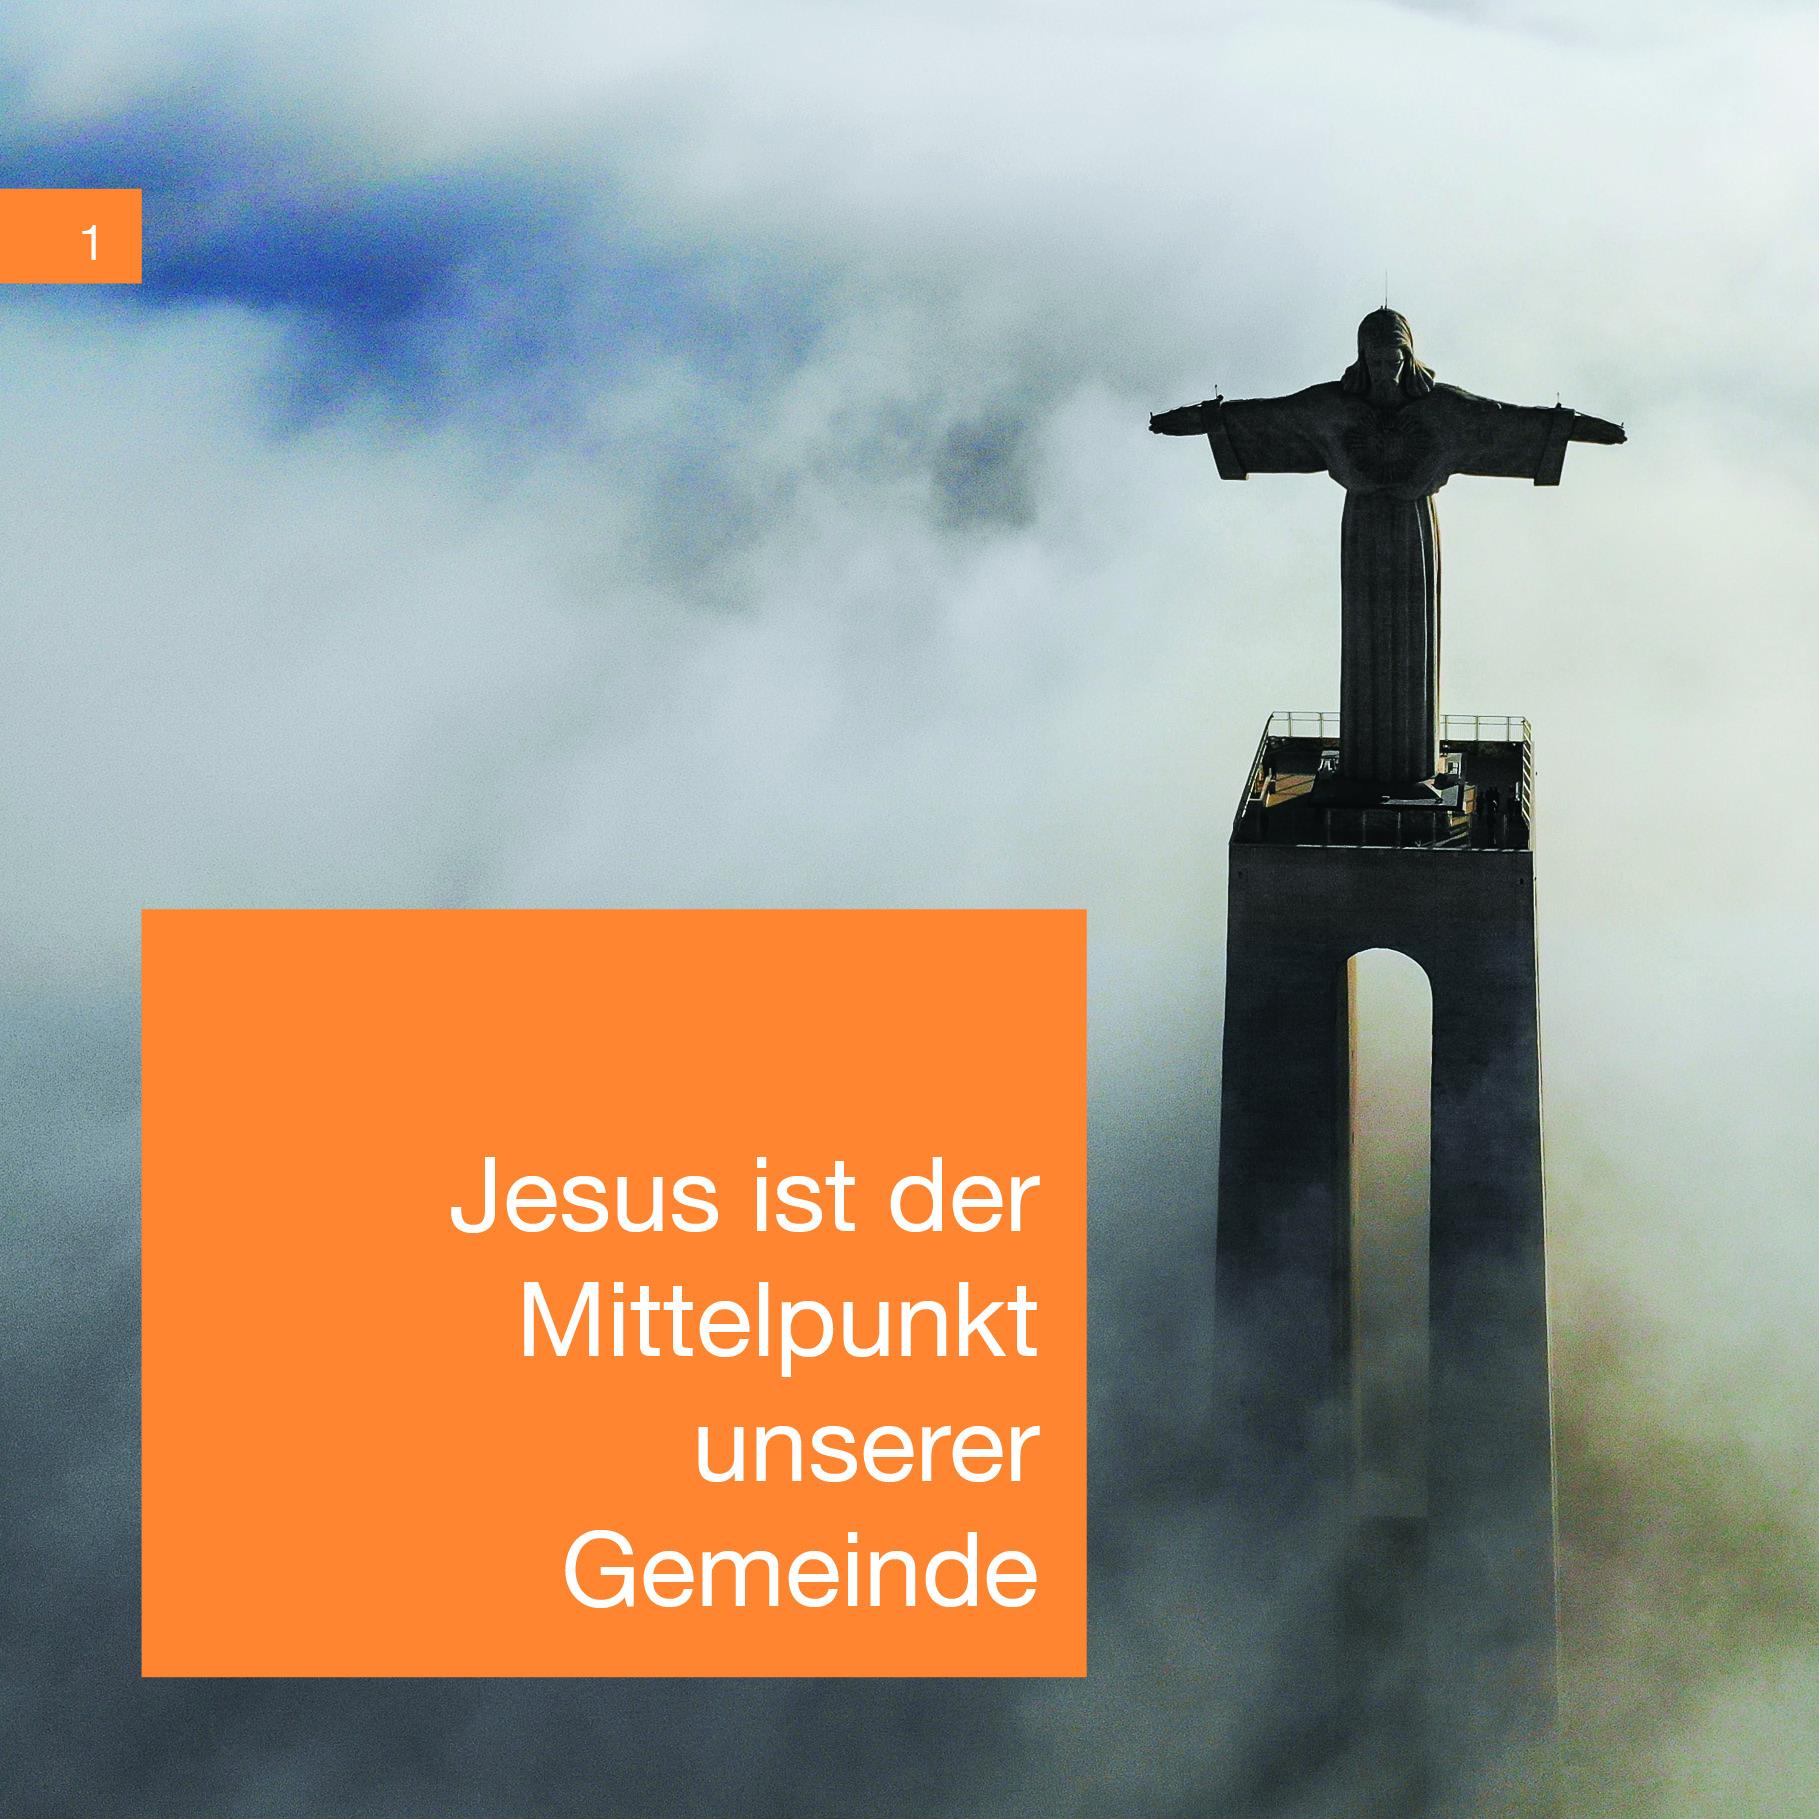 Jesus ist der Mittelpunkt unserer Gemeinde